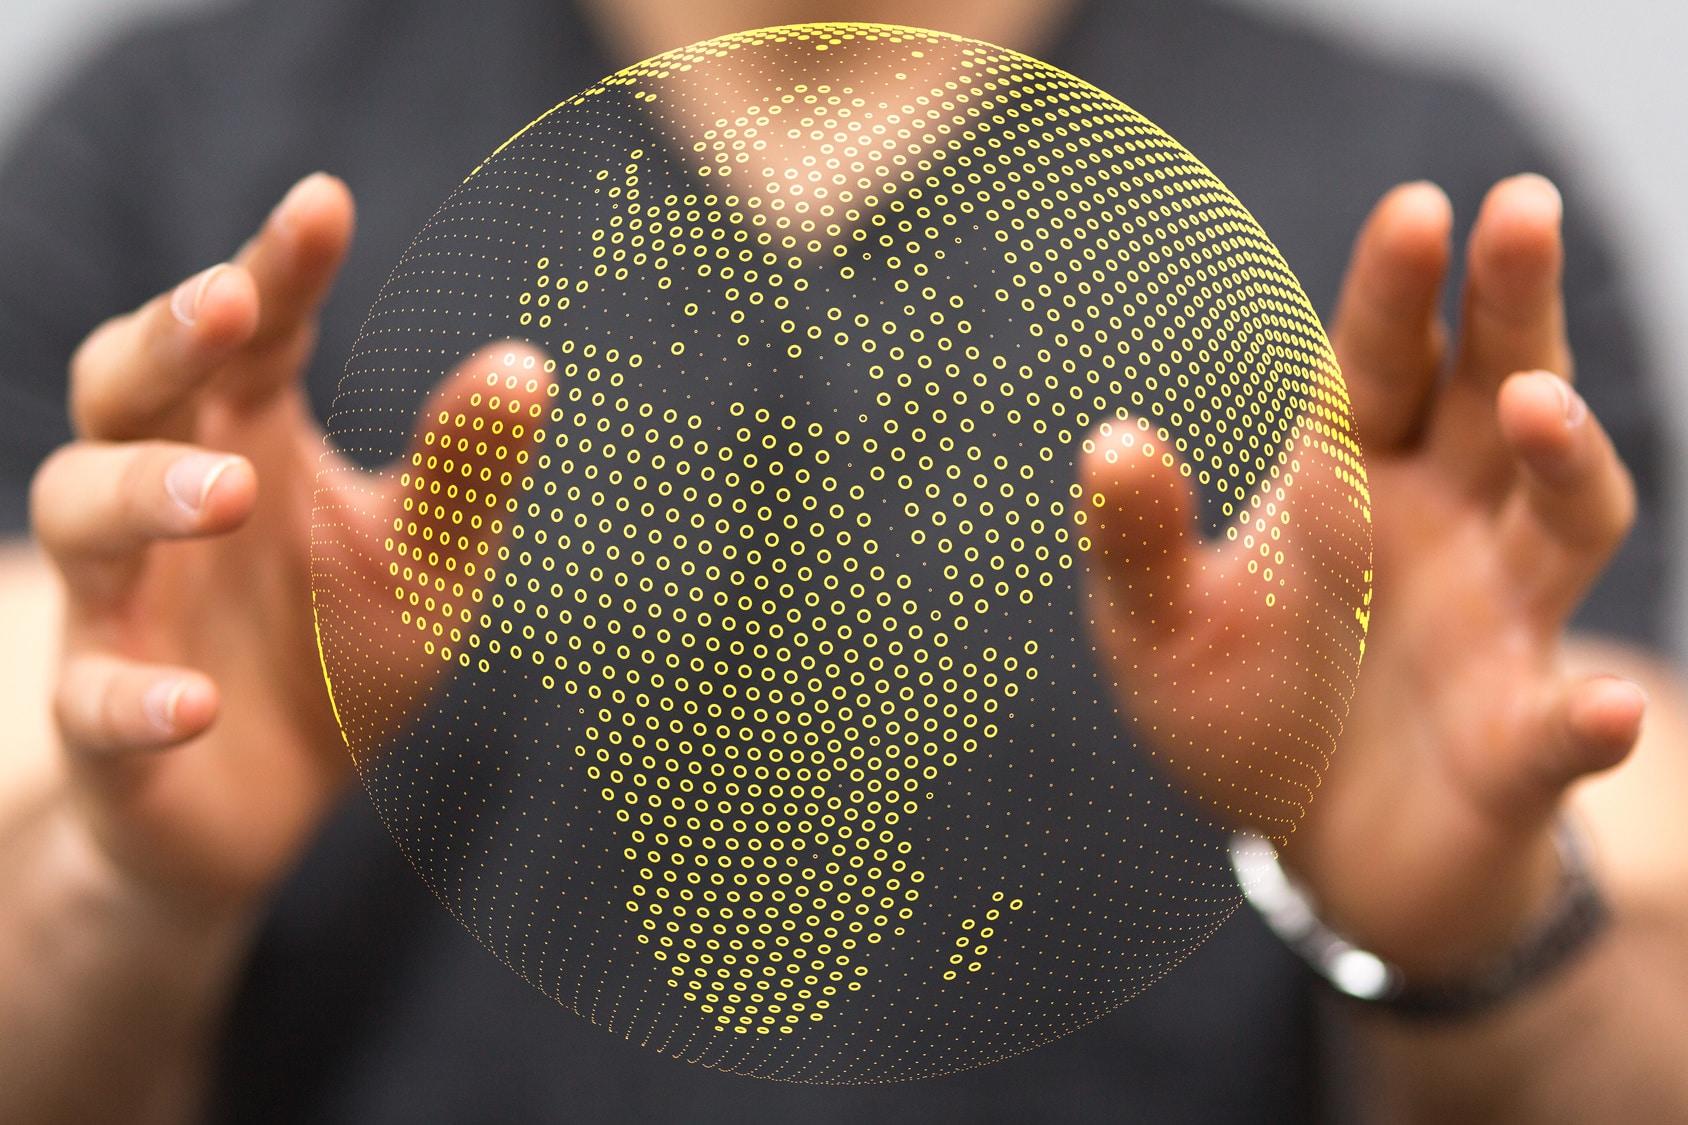 La globalización de la información uno de los principales motivos de la tercera revolución industrial